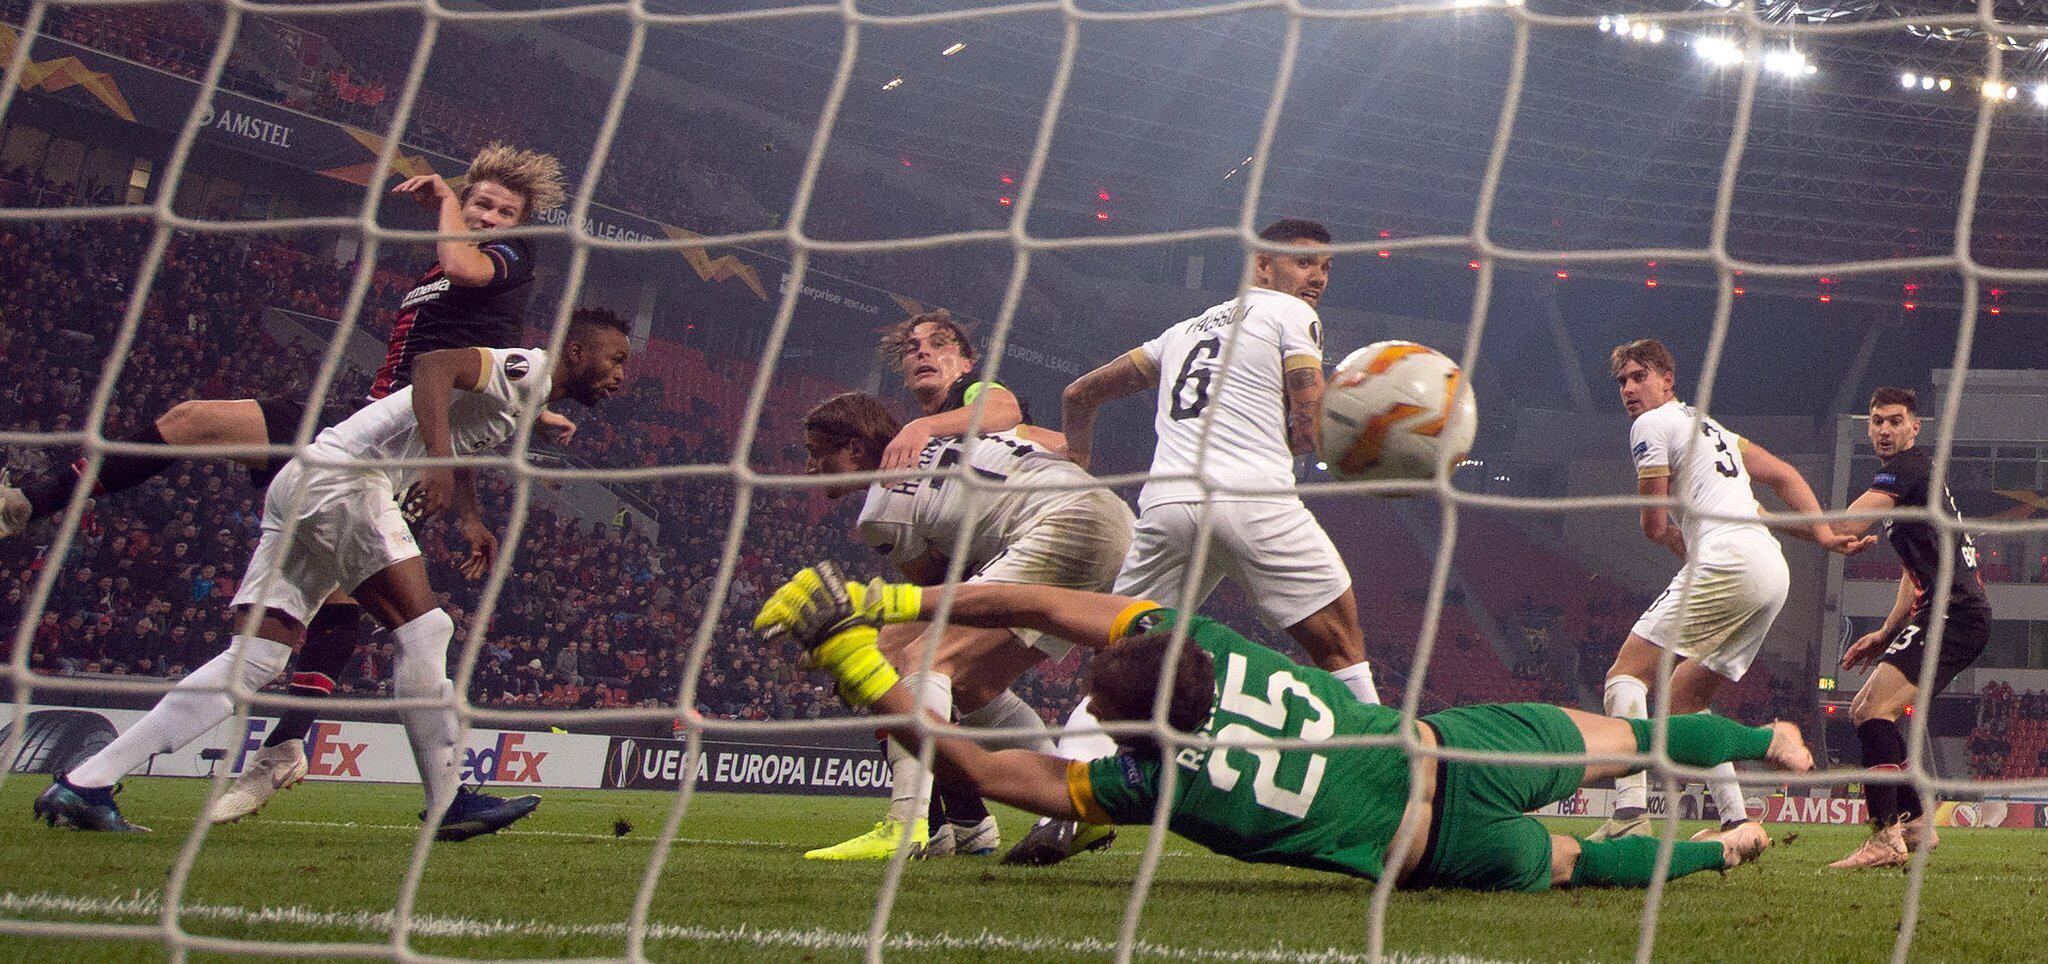 Bild zu Bayer Leverkusen - FC Zürich